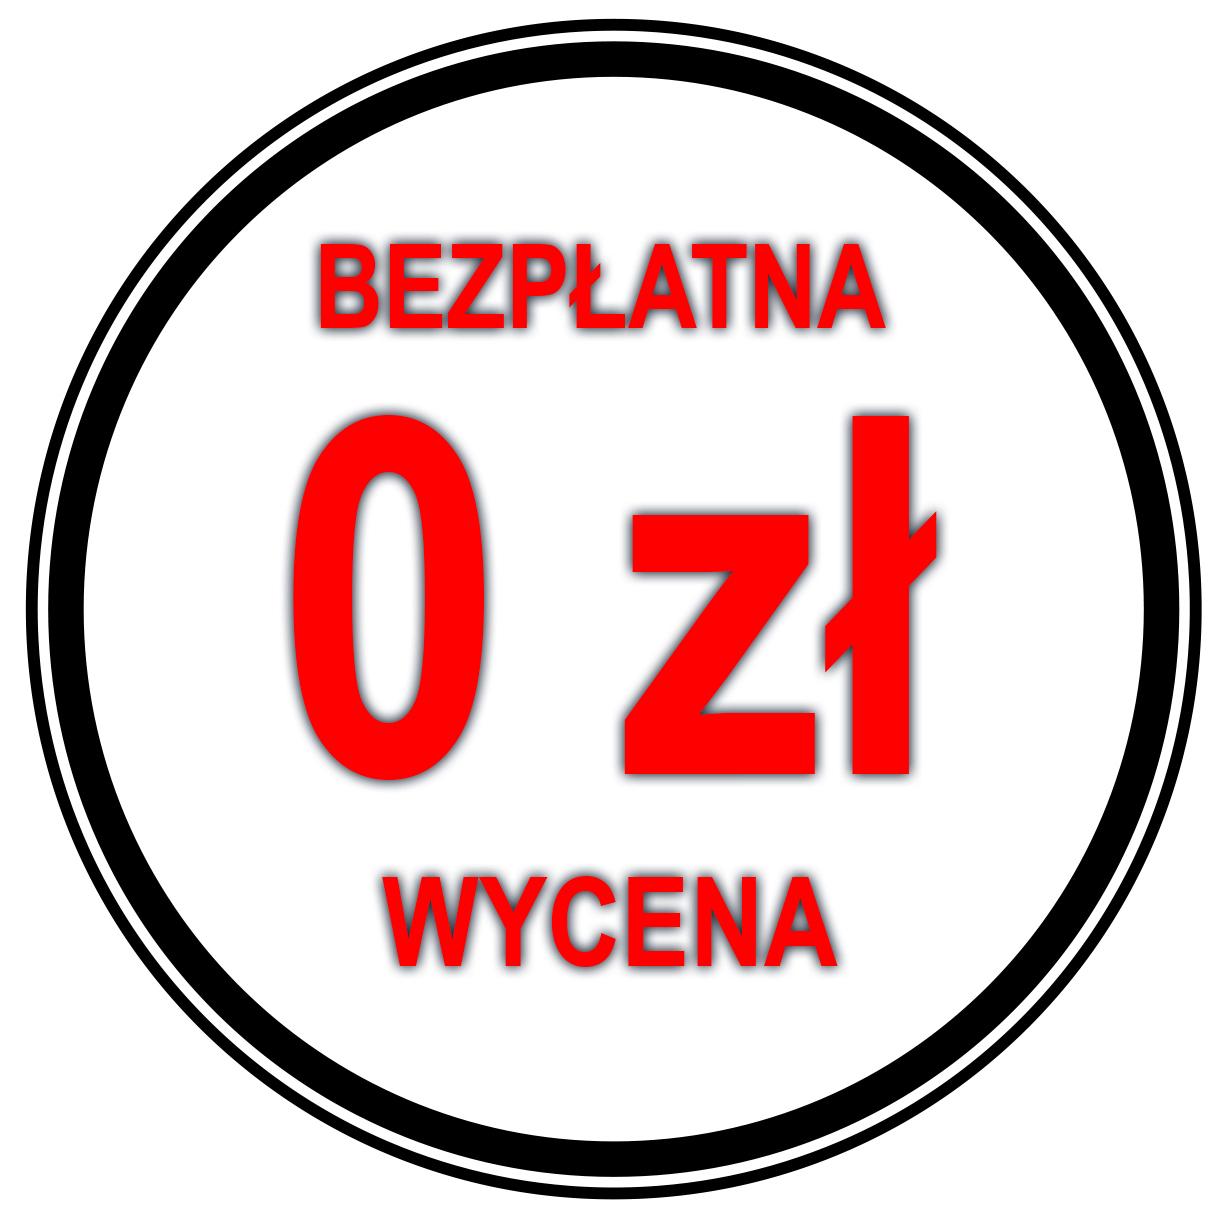 wycena 0 zł